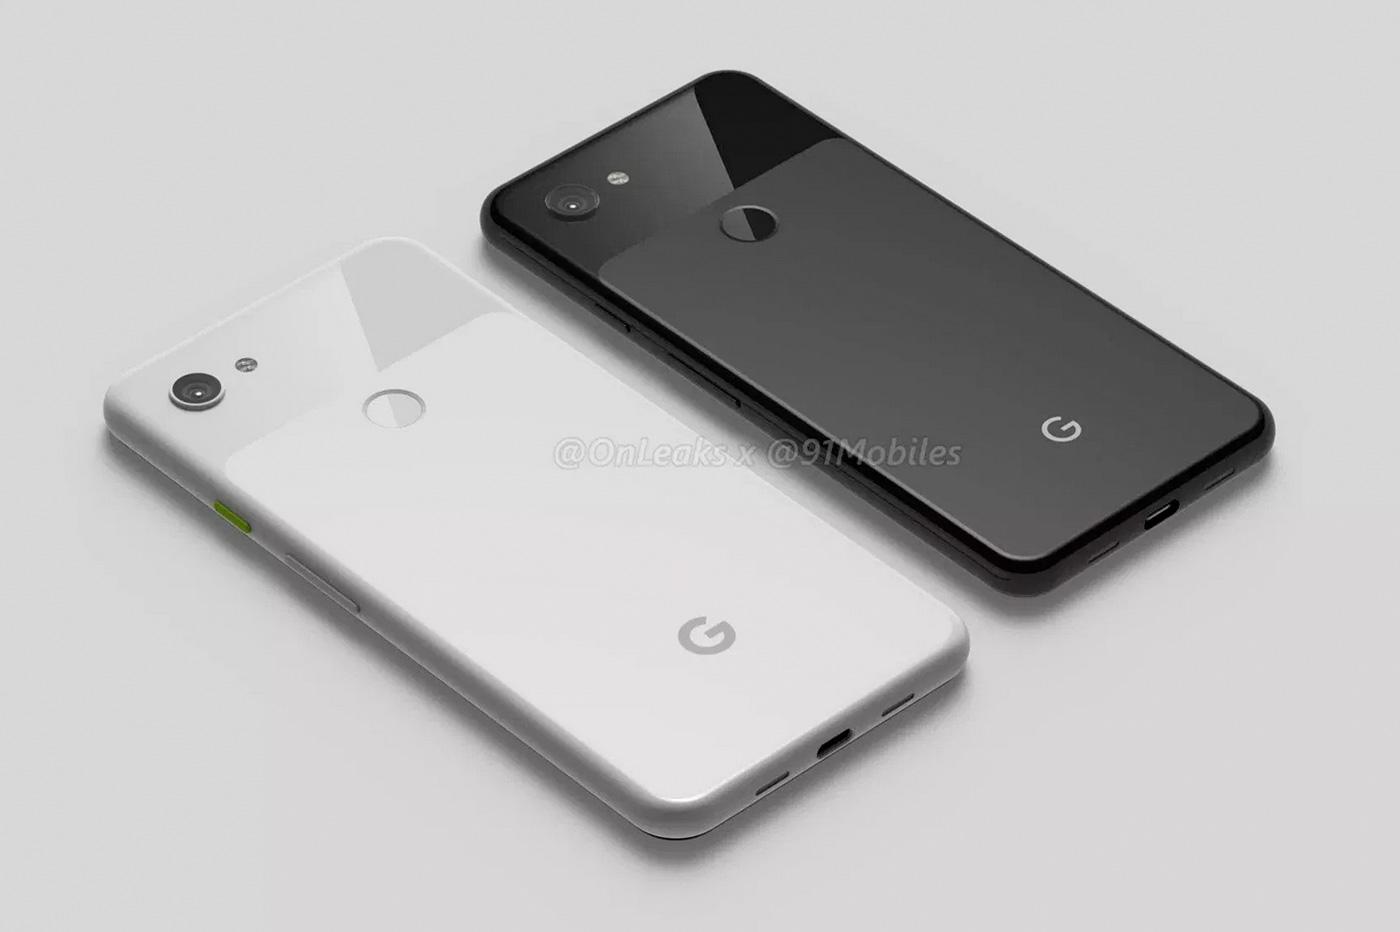 De nouvelles informations sur les Google Pixel 3a et 3a XL confirment les noms et certaines caractéristiques